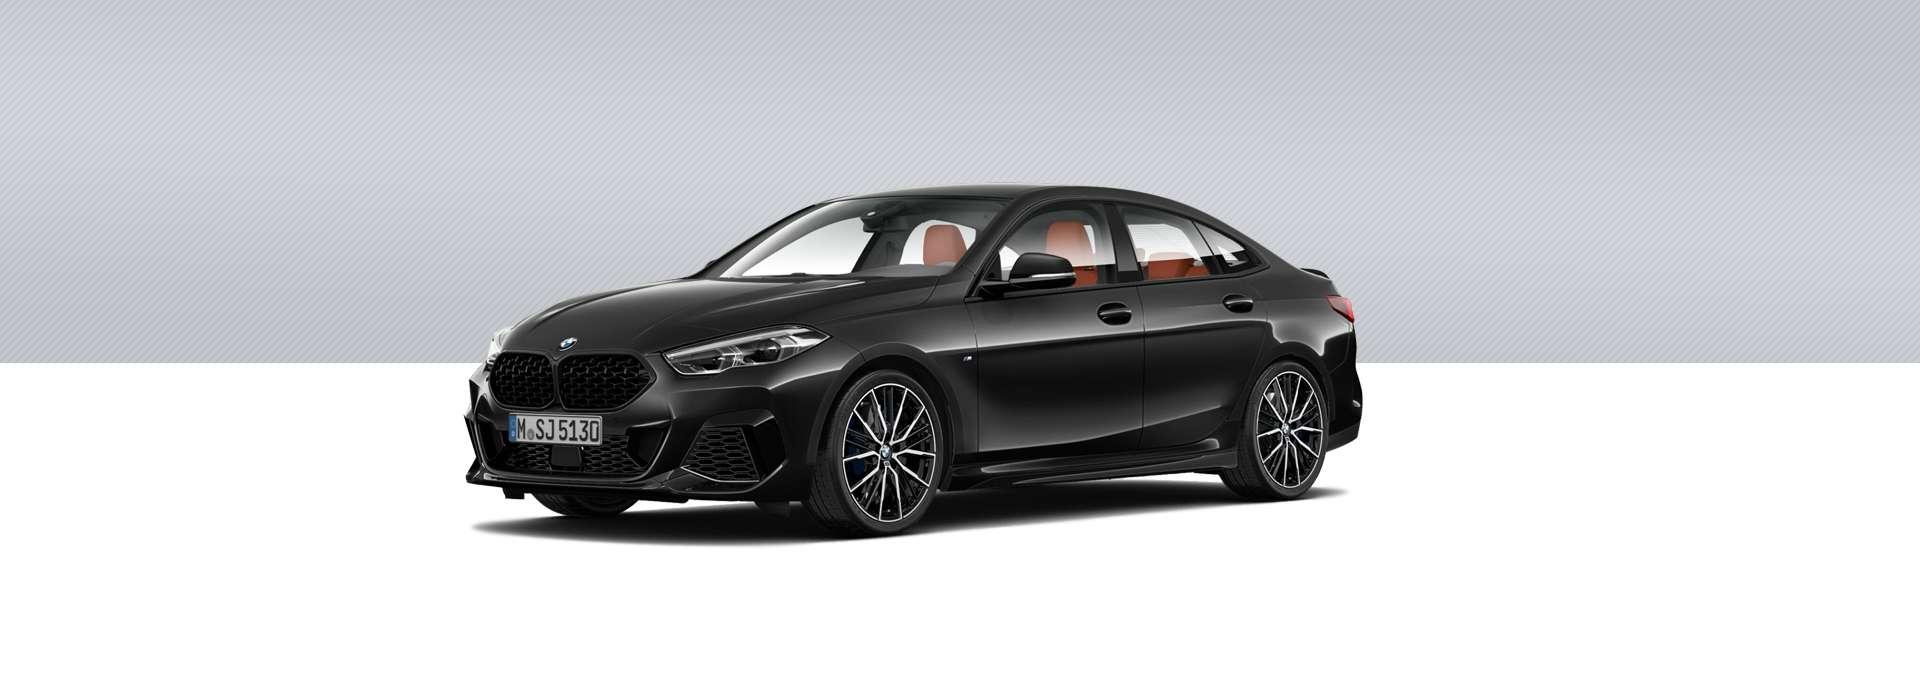 BMW Nuevo M235i Gran Coupé